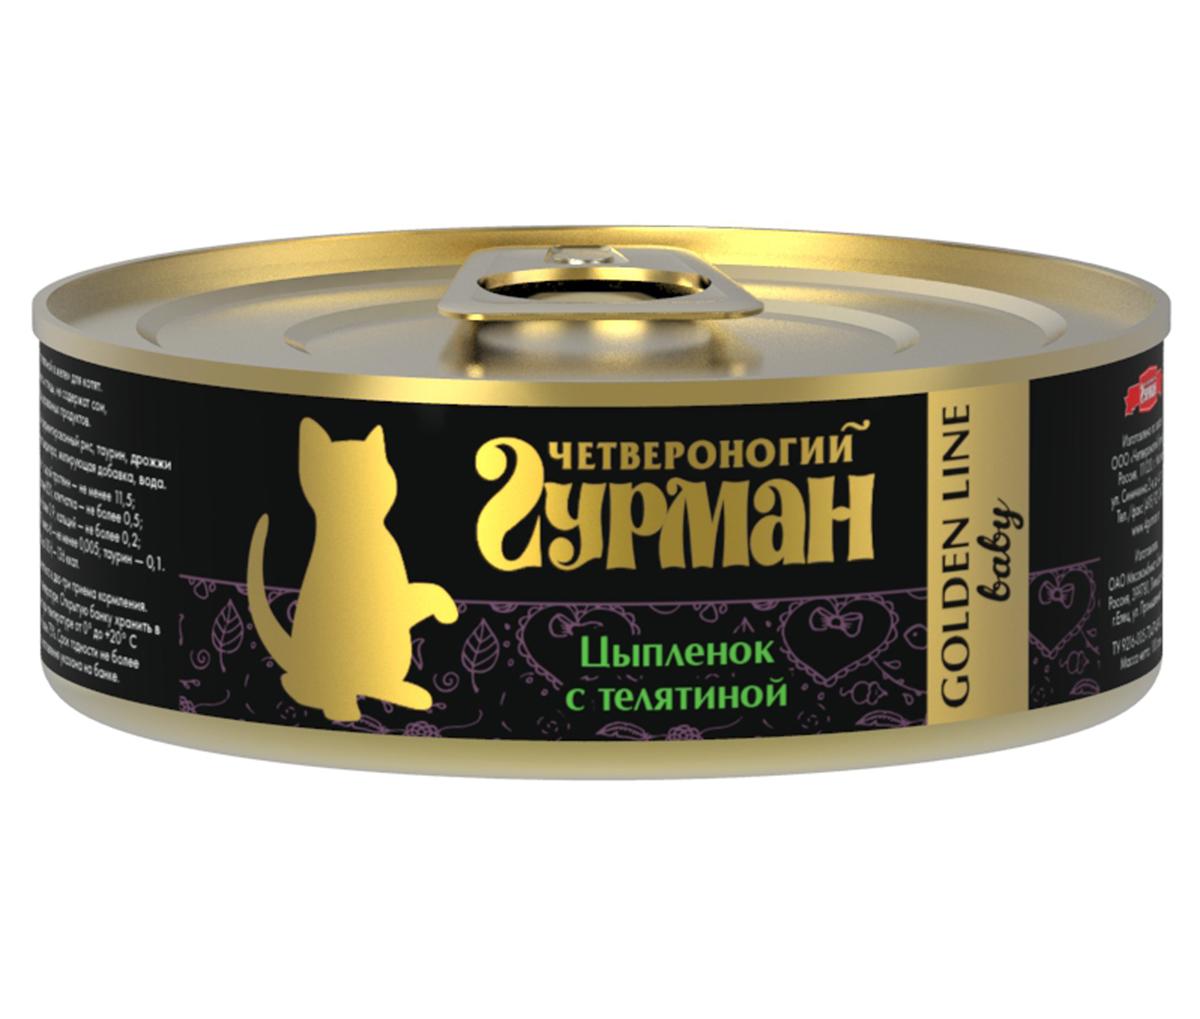 Консервы для котят Четвероногий Гурман, с цыпленком и телятиной, 100 г дезсредства в г чите